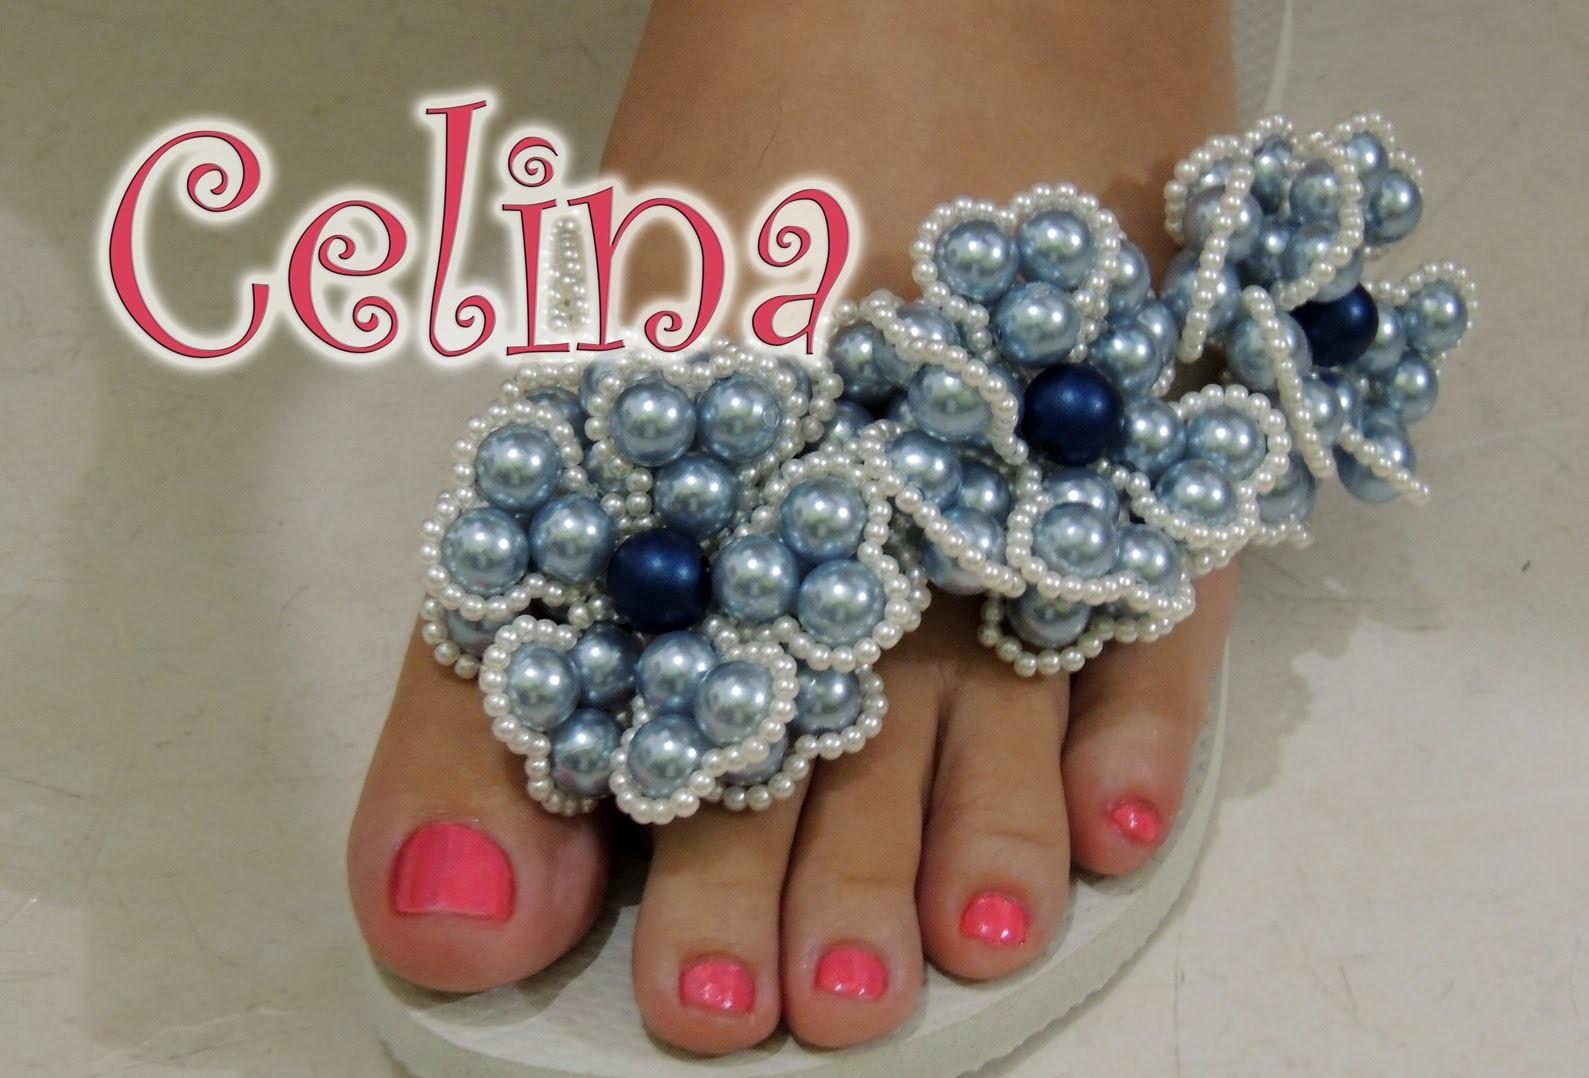 Chinelo decorado - Flor de pérolas